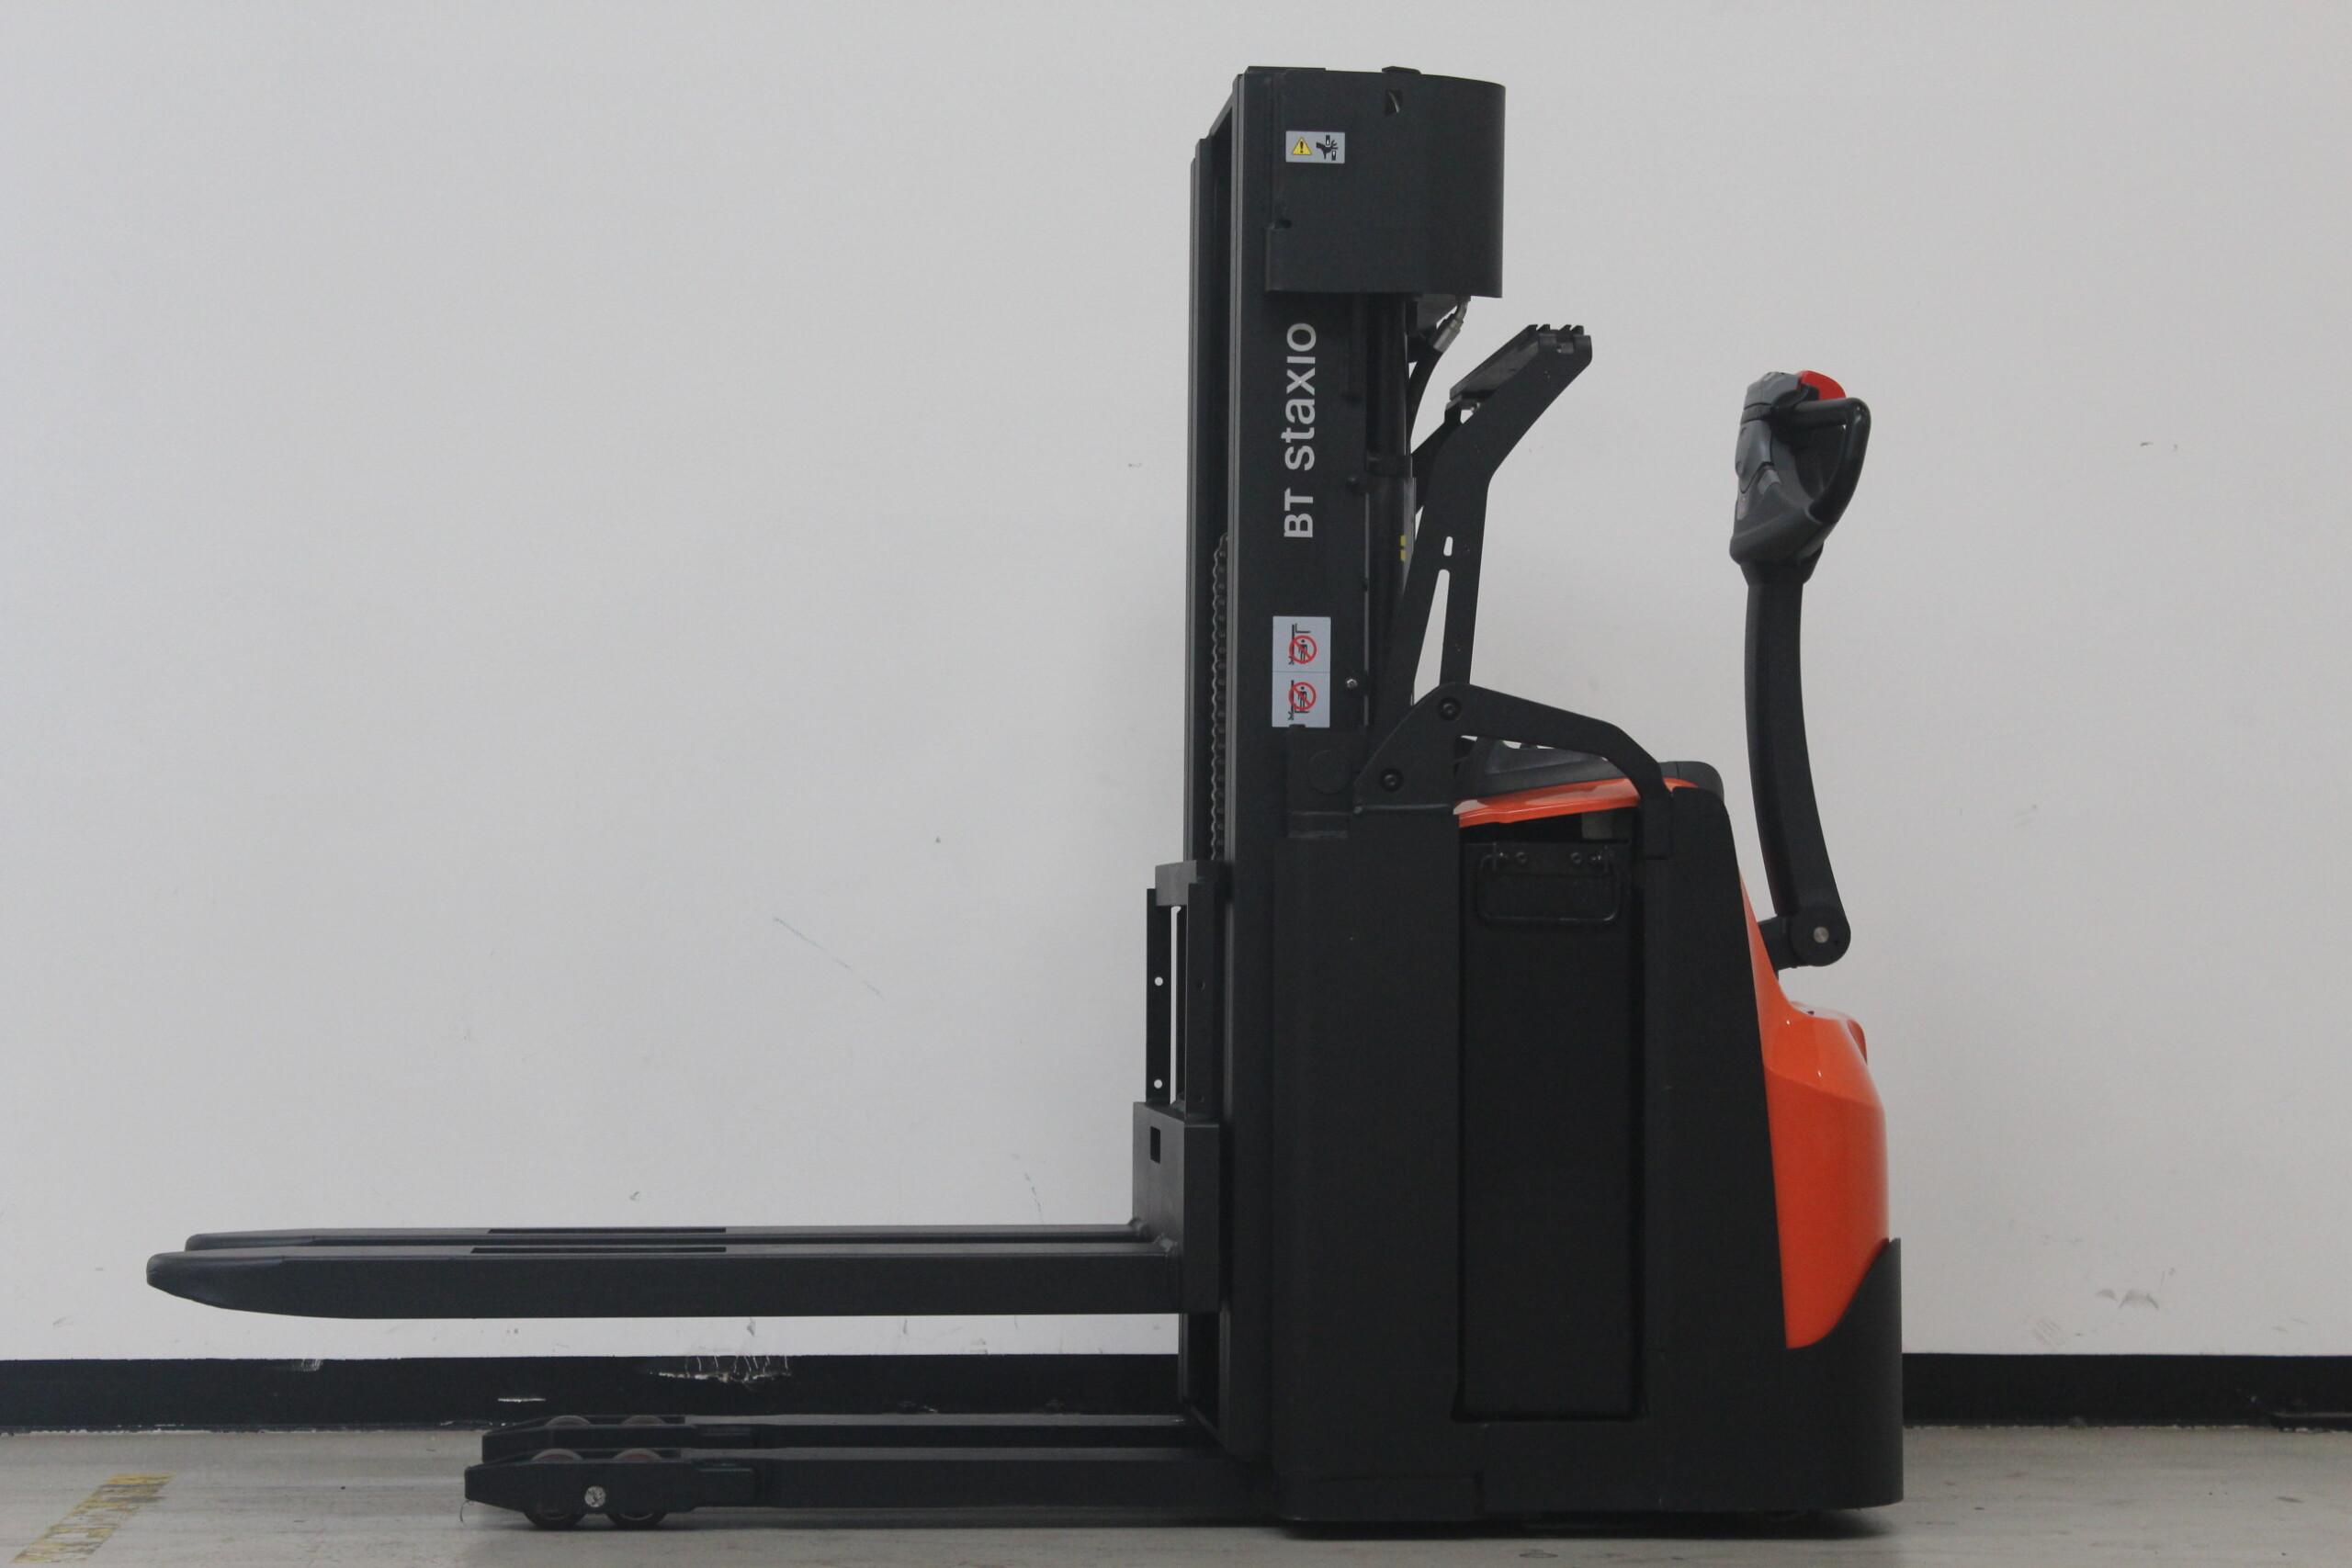 Toyota-Gabelstapler-59840 1606014501 1 24 scaled